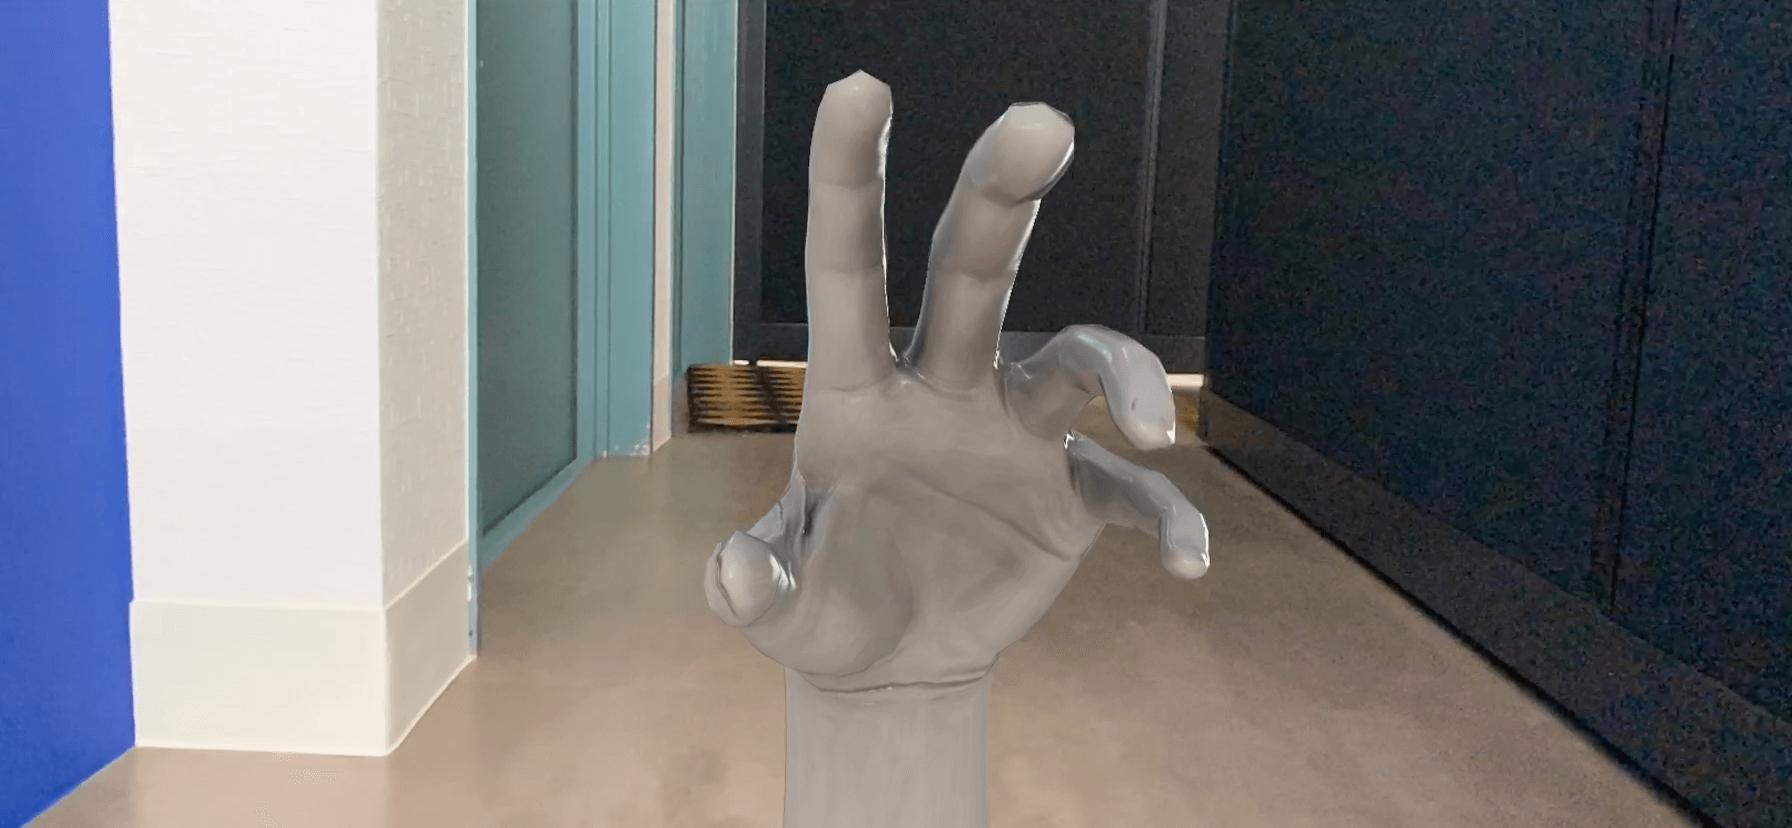 ホラー!?床から人の手!? WEBARで人の手を置いてみた。